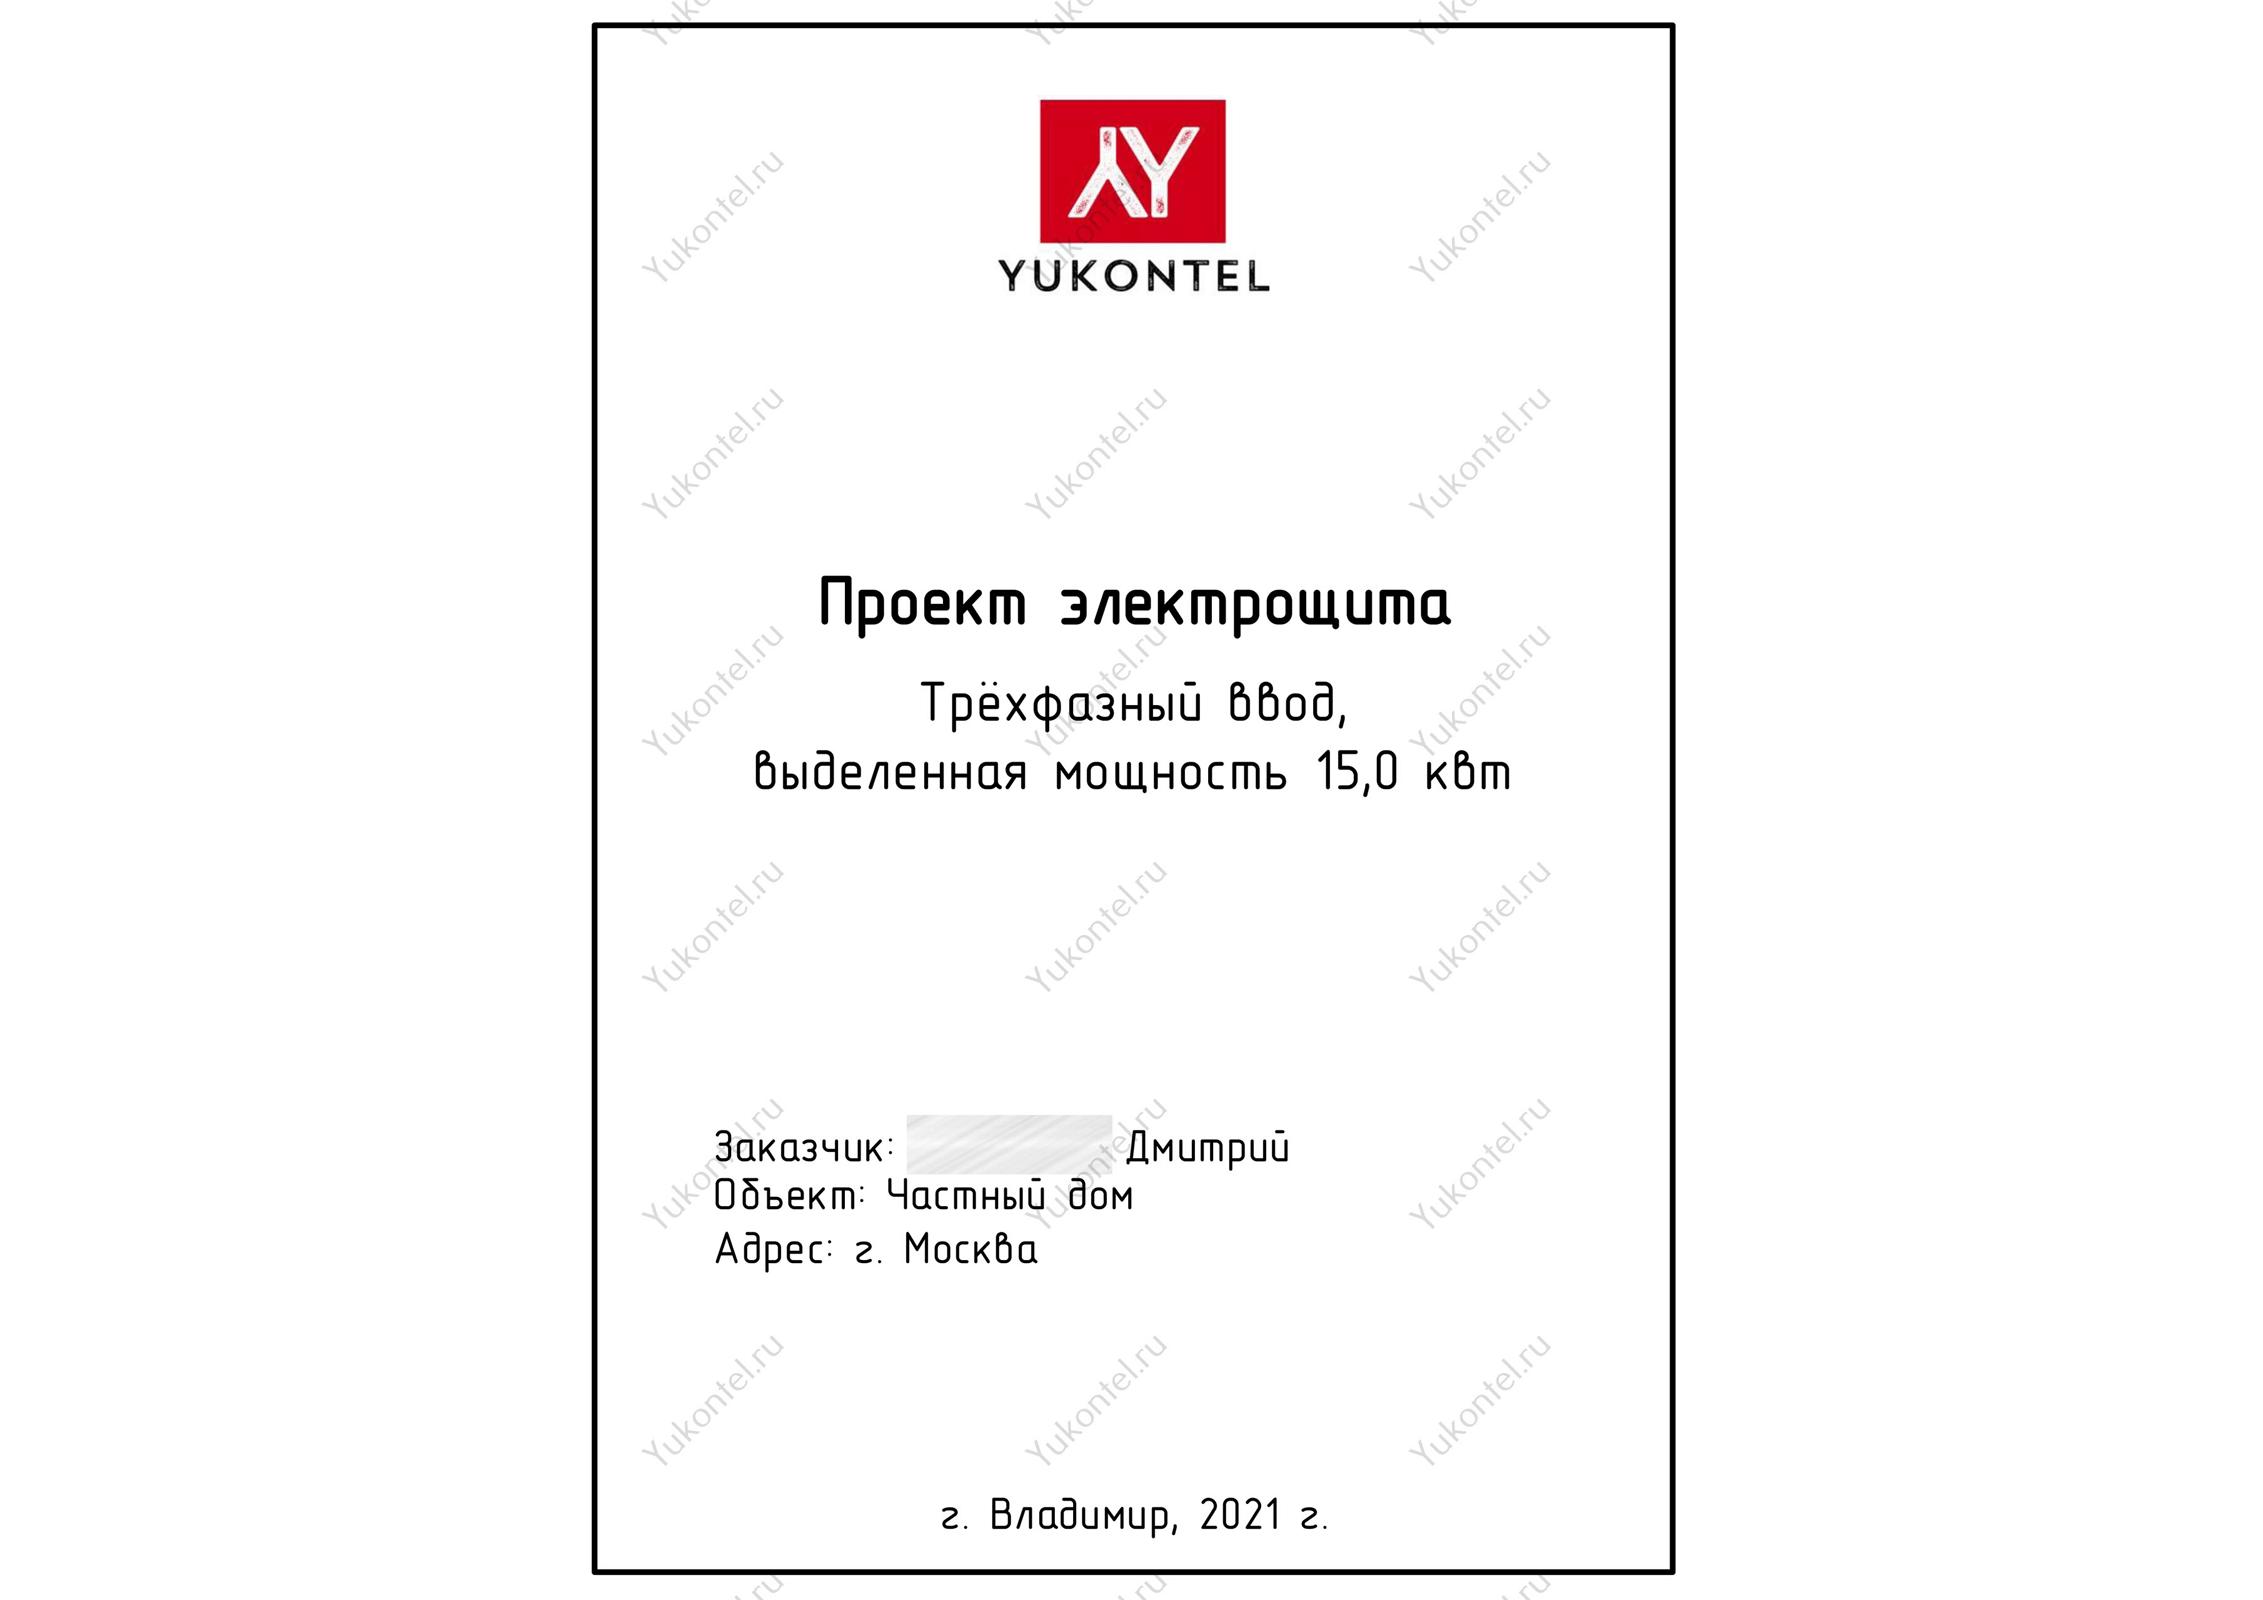 проект электрощита чдом Москва